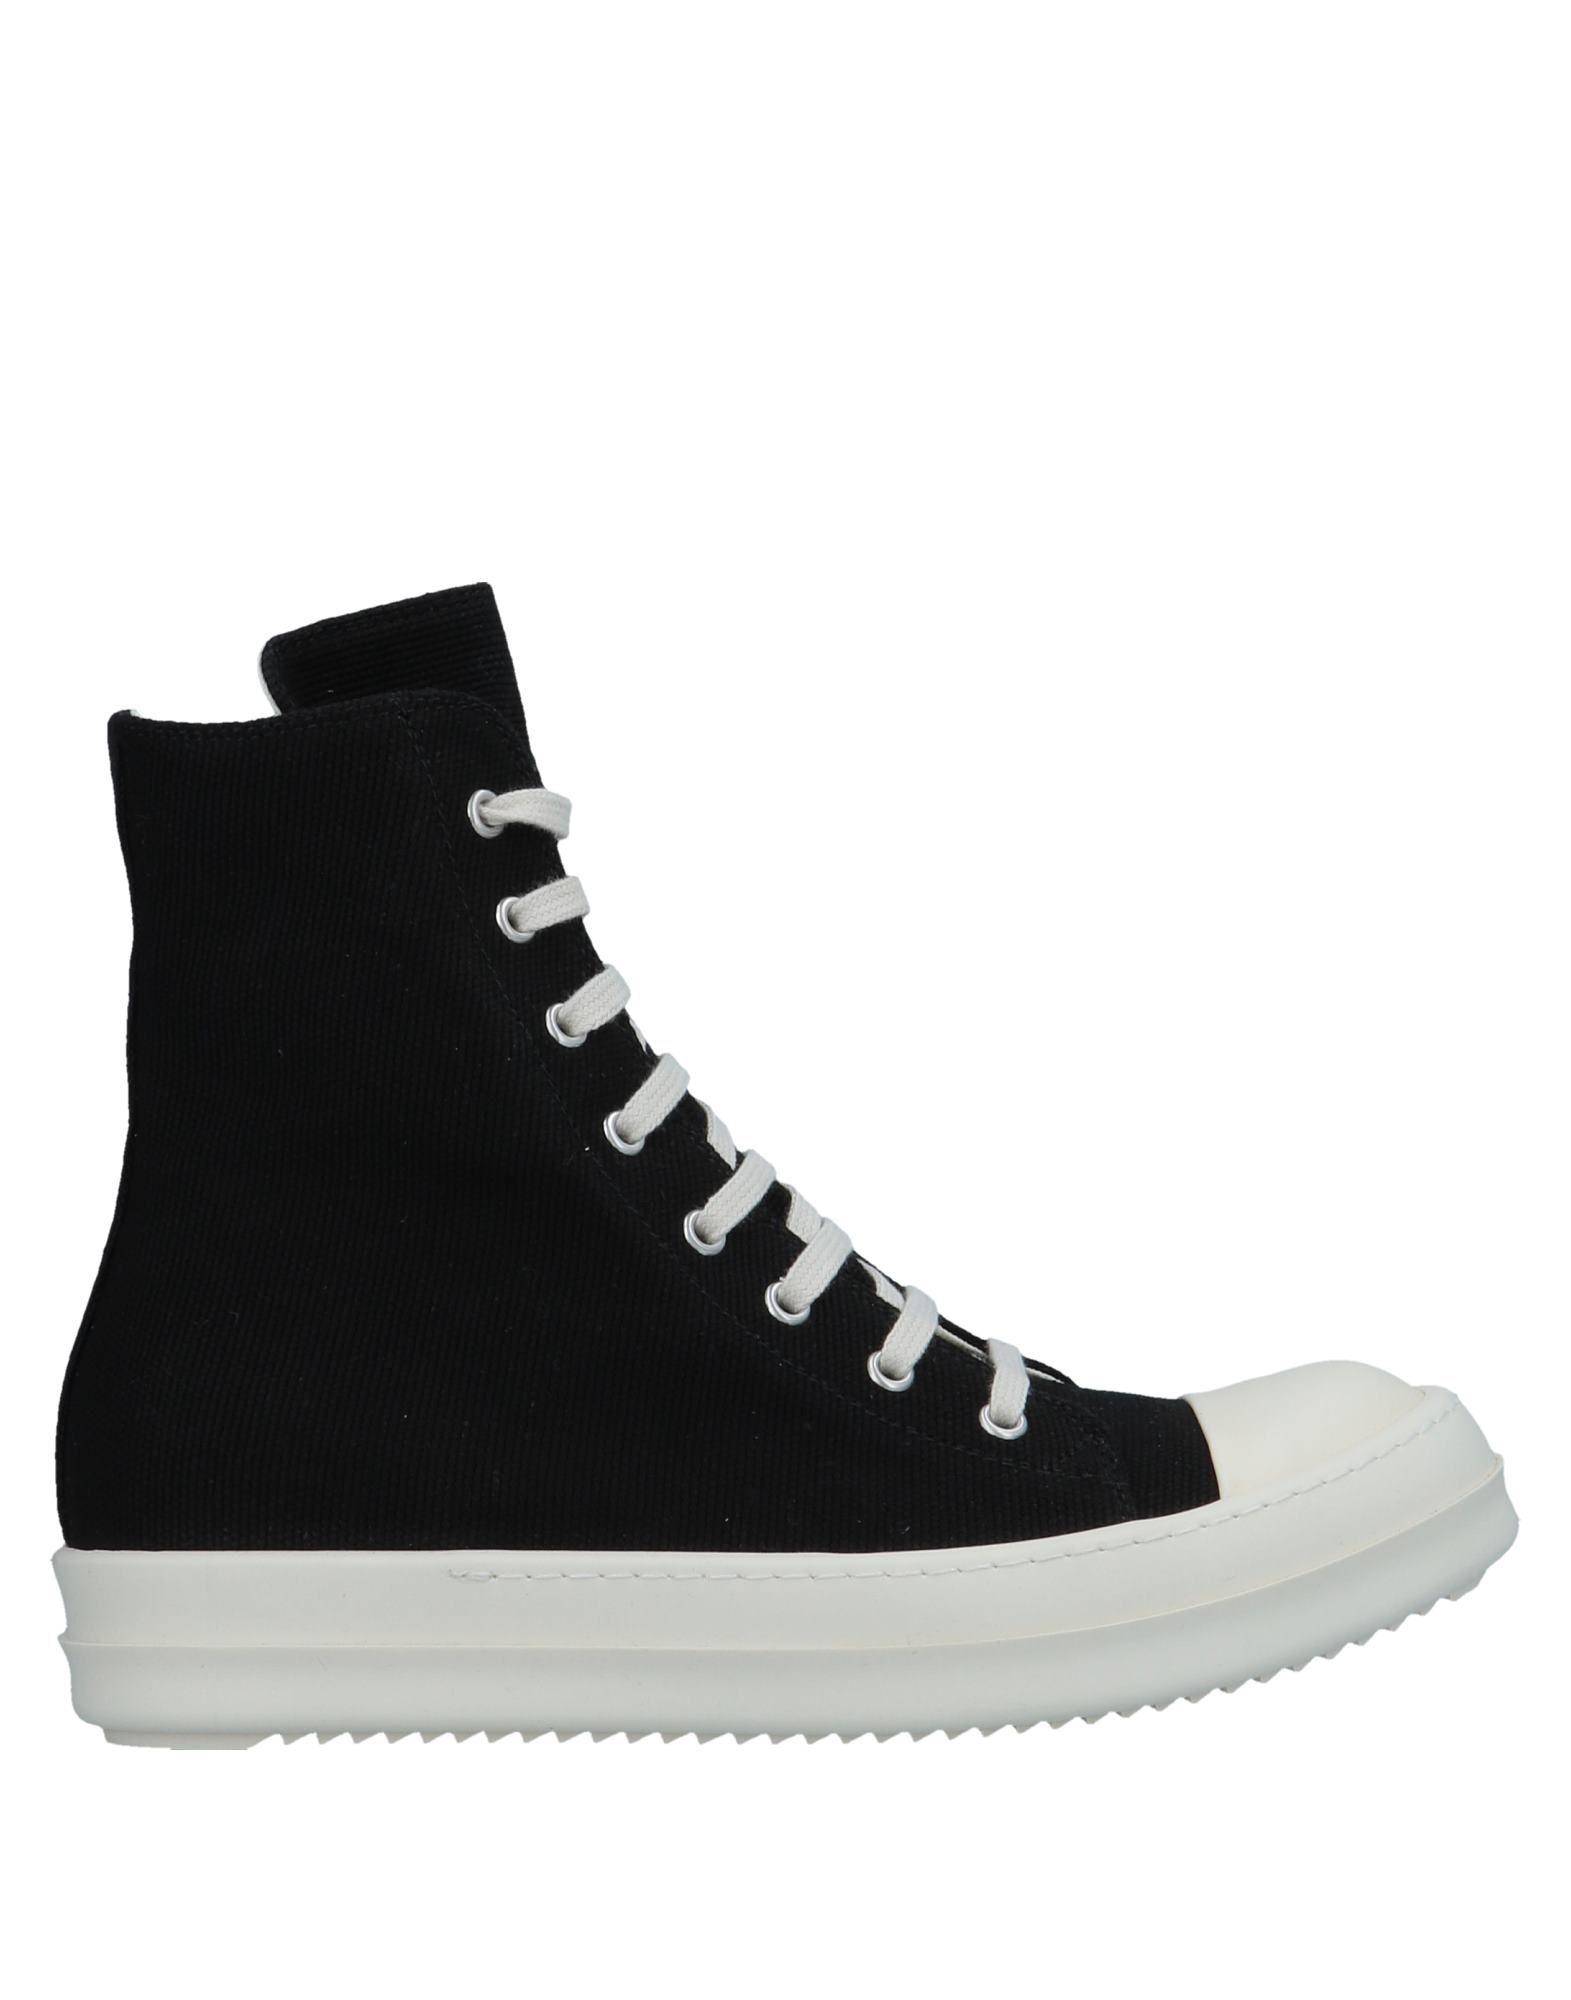 Drkshdw By Rick Owens Sneakers - Women Drkshdw By Rick  Owens Sneakers online on  Rick Australia - 11570875SJ f2a7a2